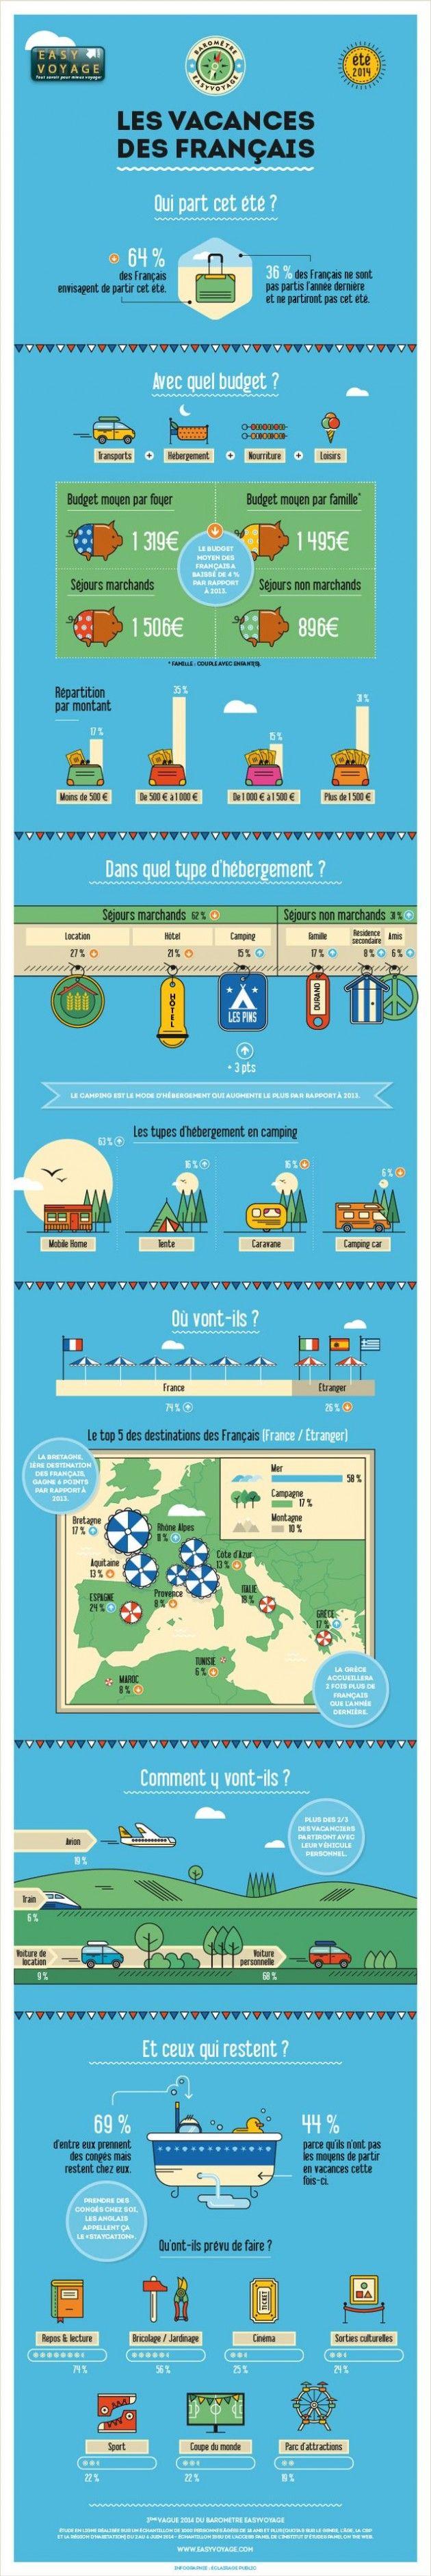 El Conde. fr: Les vacances des français